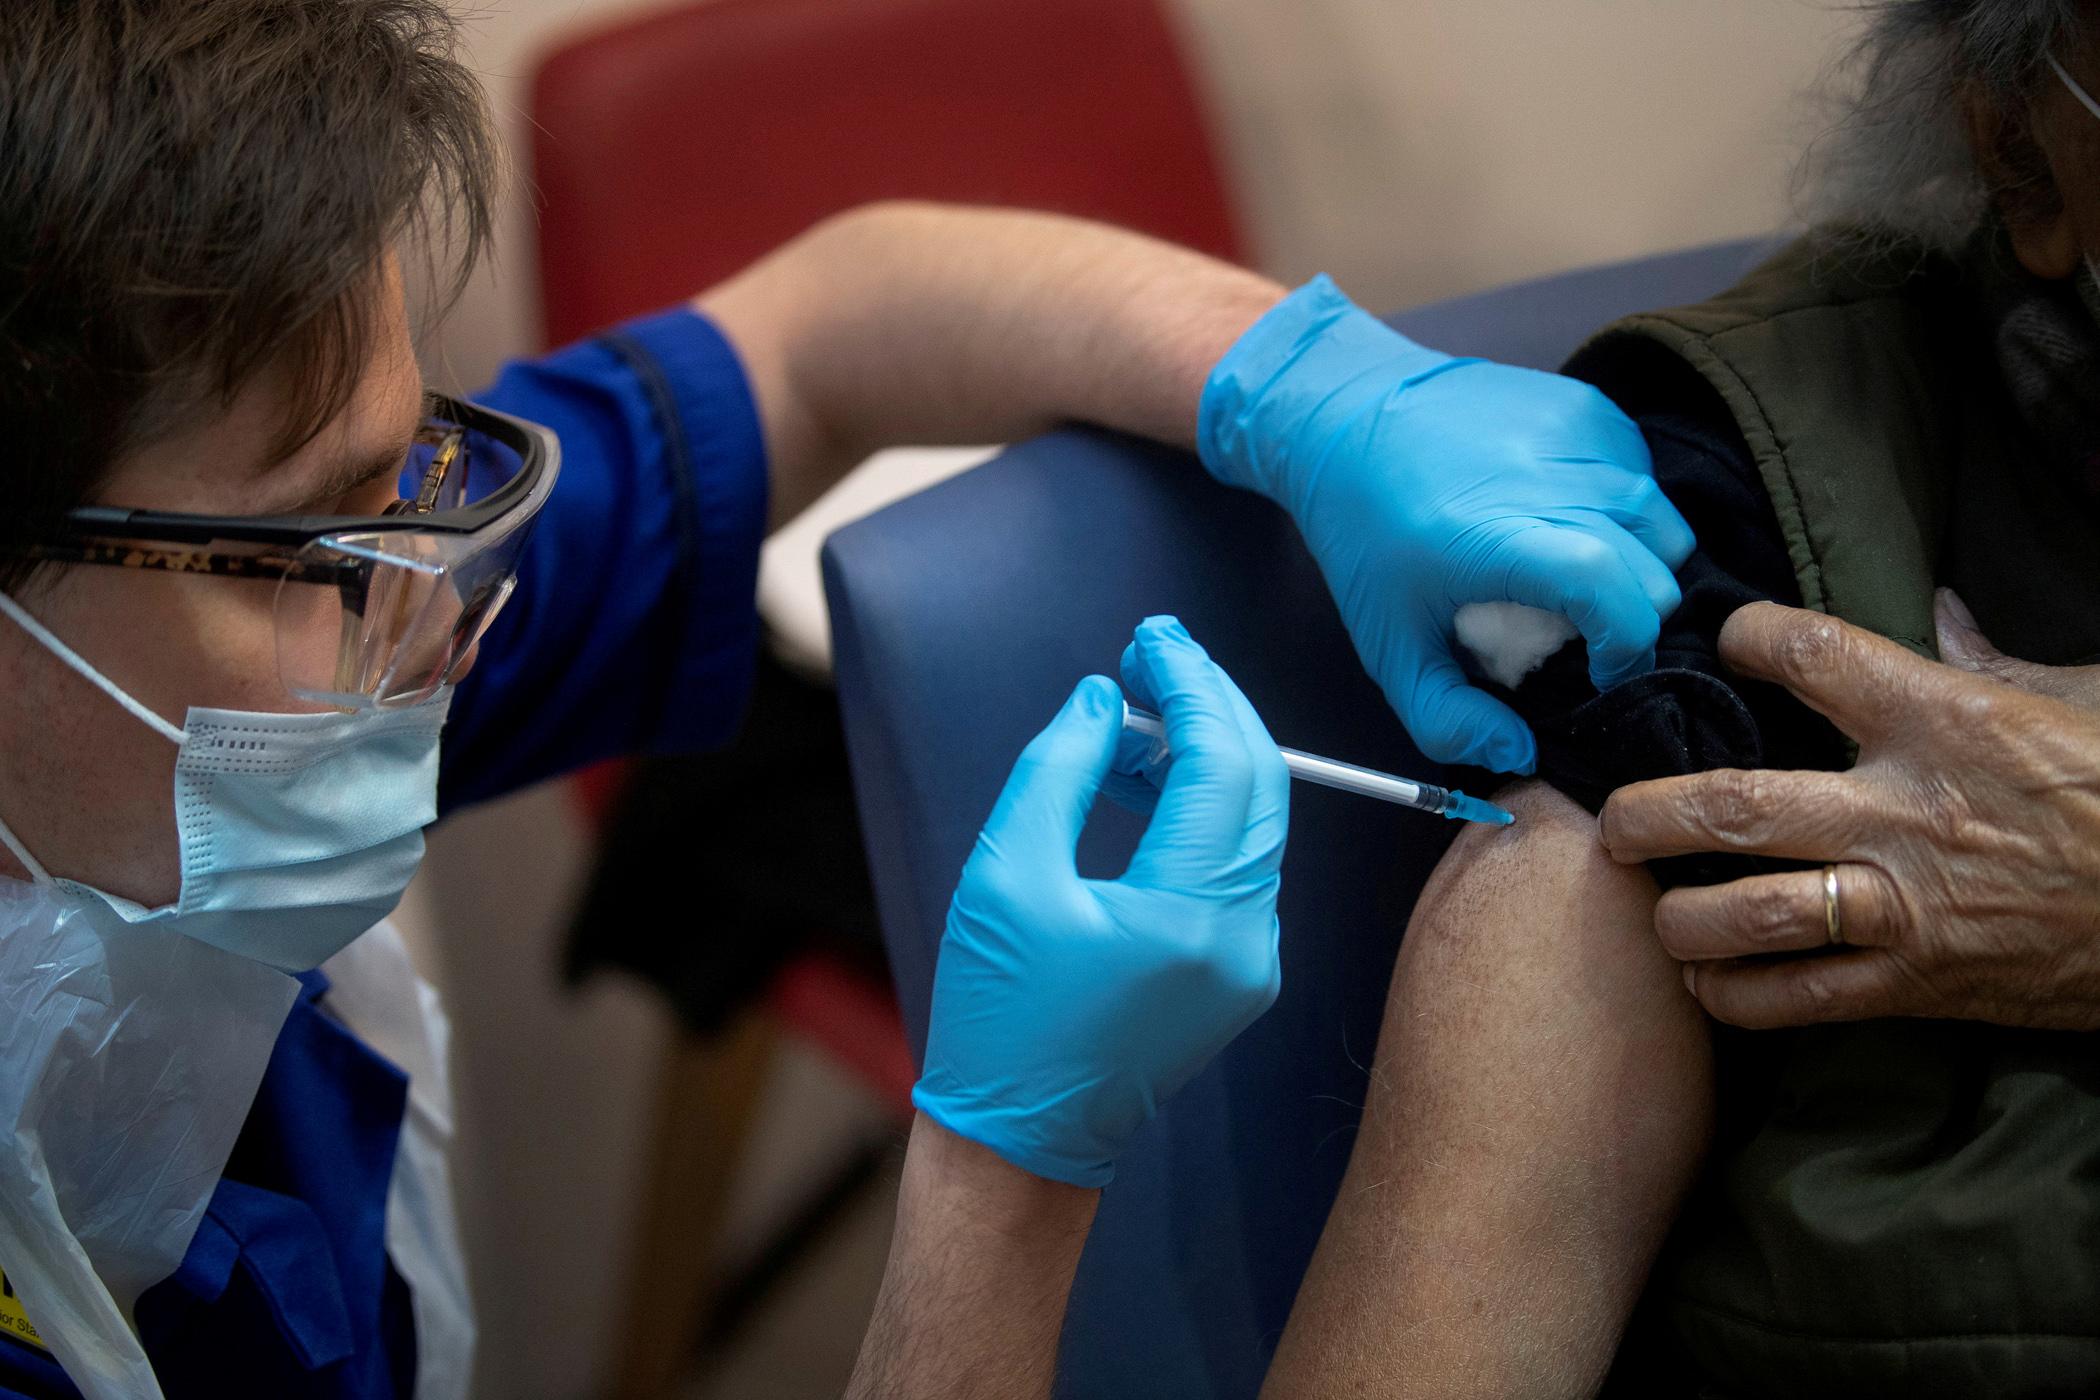 Κορονοϊός: Ποιοί θα λάβουν SMS για να κάνουν το εμβόλιο – Όλη η διαδικασία